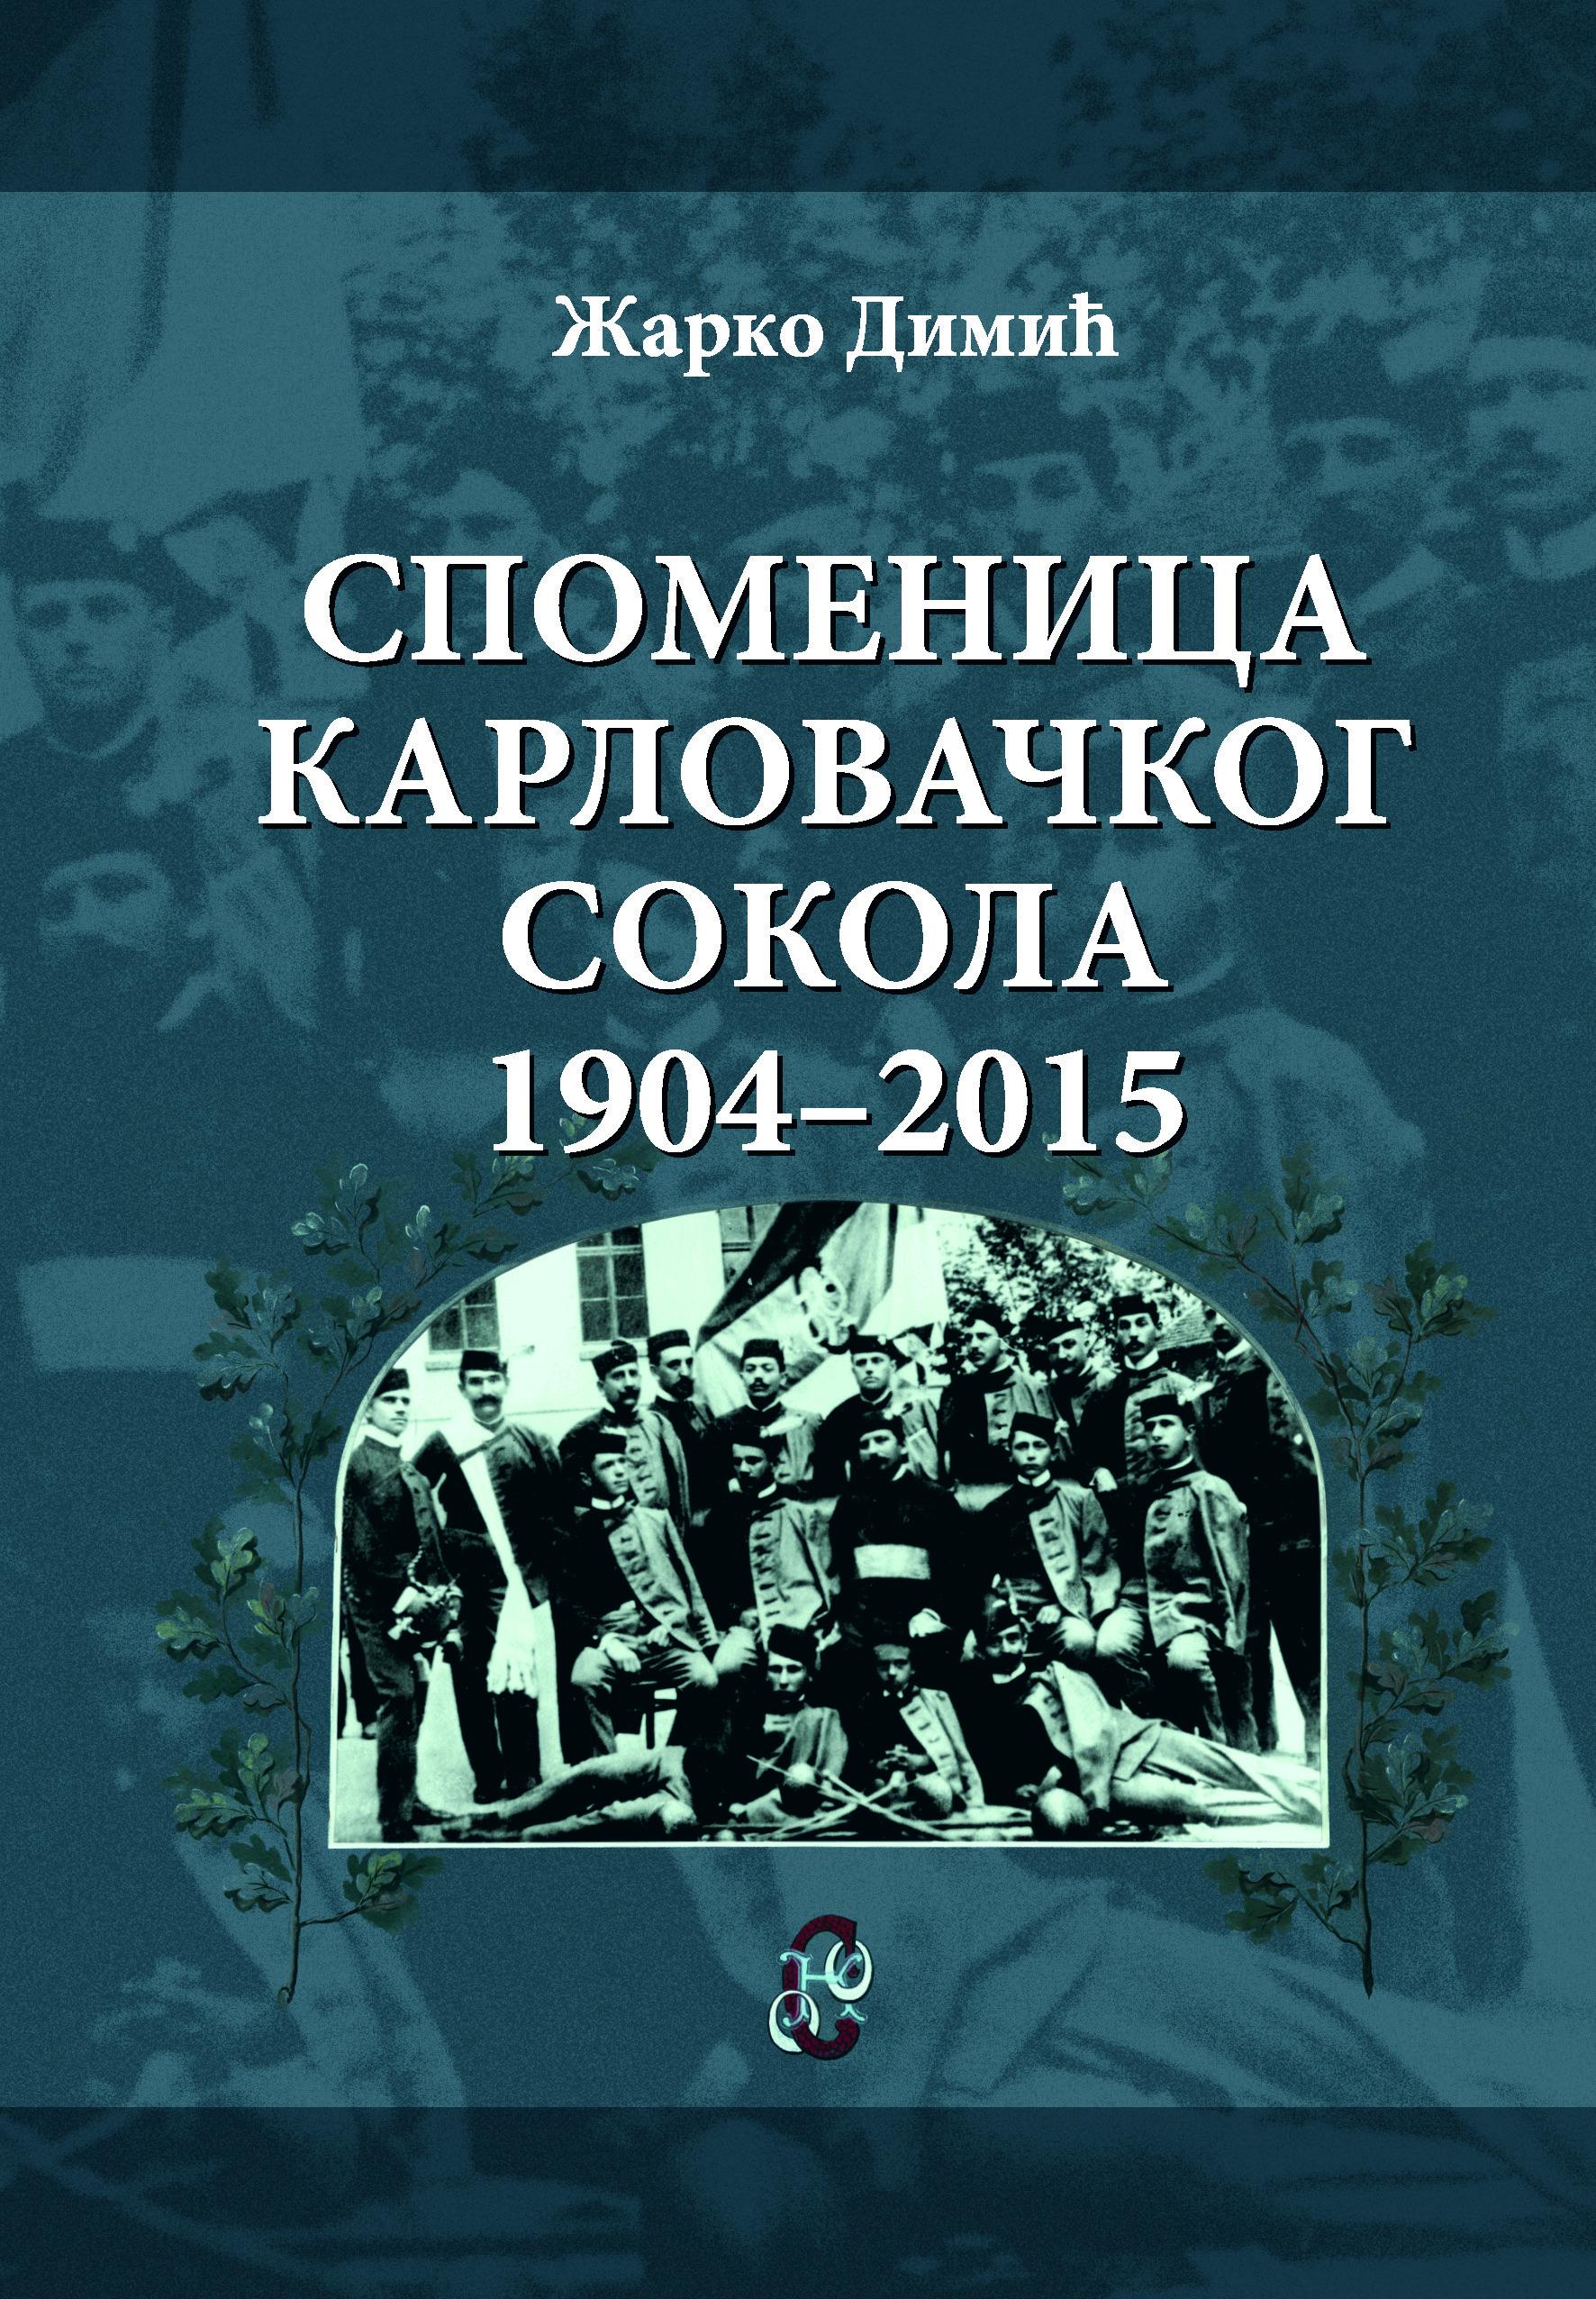 Споменица Карловачког сокола 1904-2015